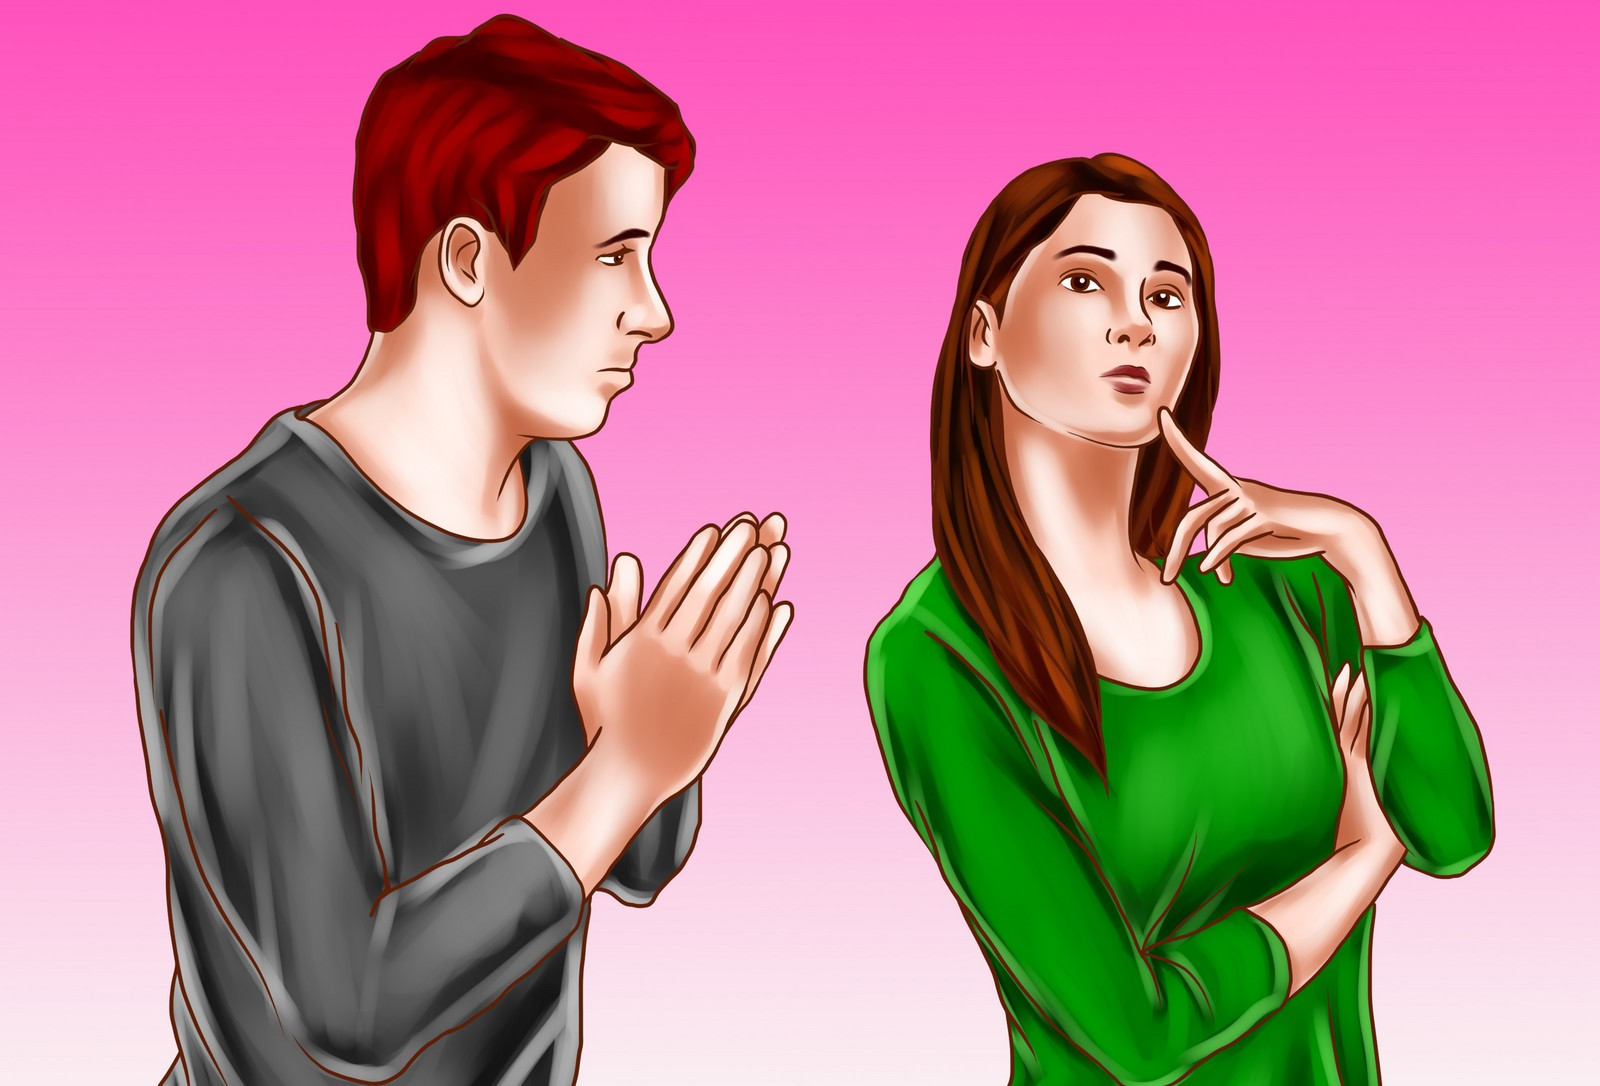 Cómo Enfrentar el Peligro del Divorcio? » Foros de la Virgen María